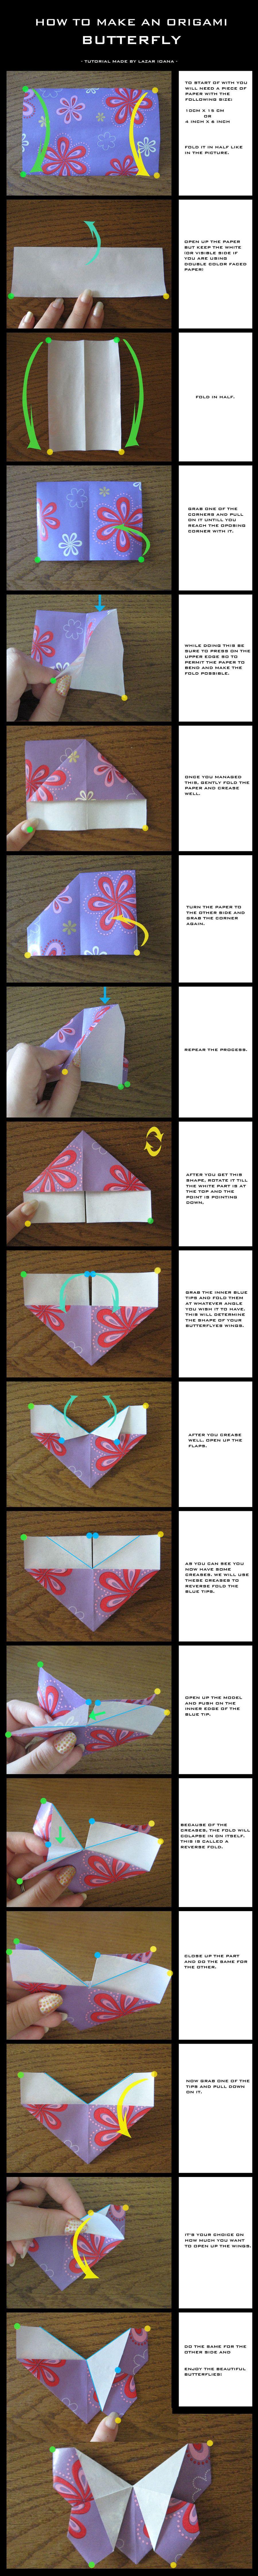 Tutorial Origami Butterfly By Darkumahdeviantartcom On Diagram Deviantart